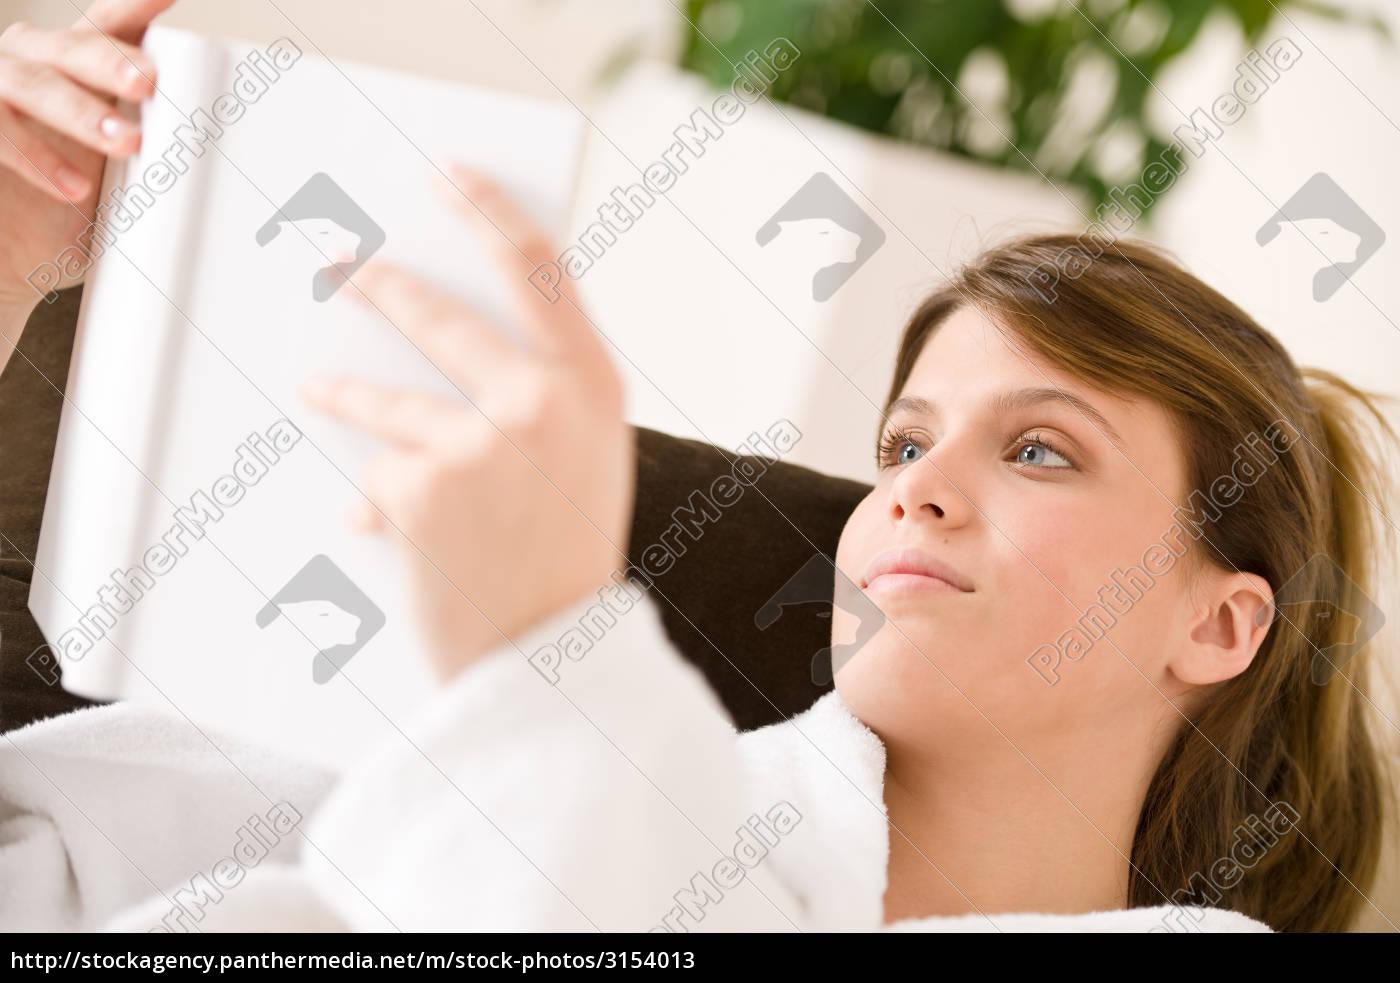 young, woman, bathrobe, reading, book - 3154013